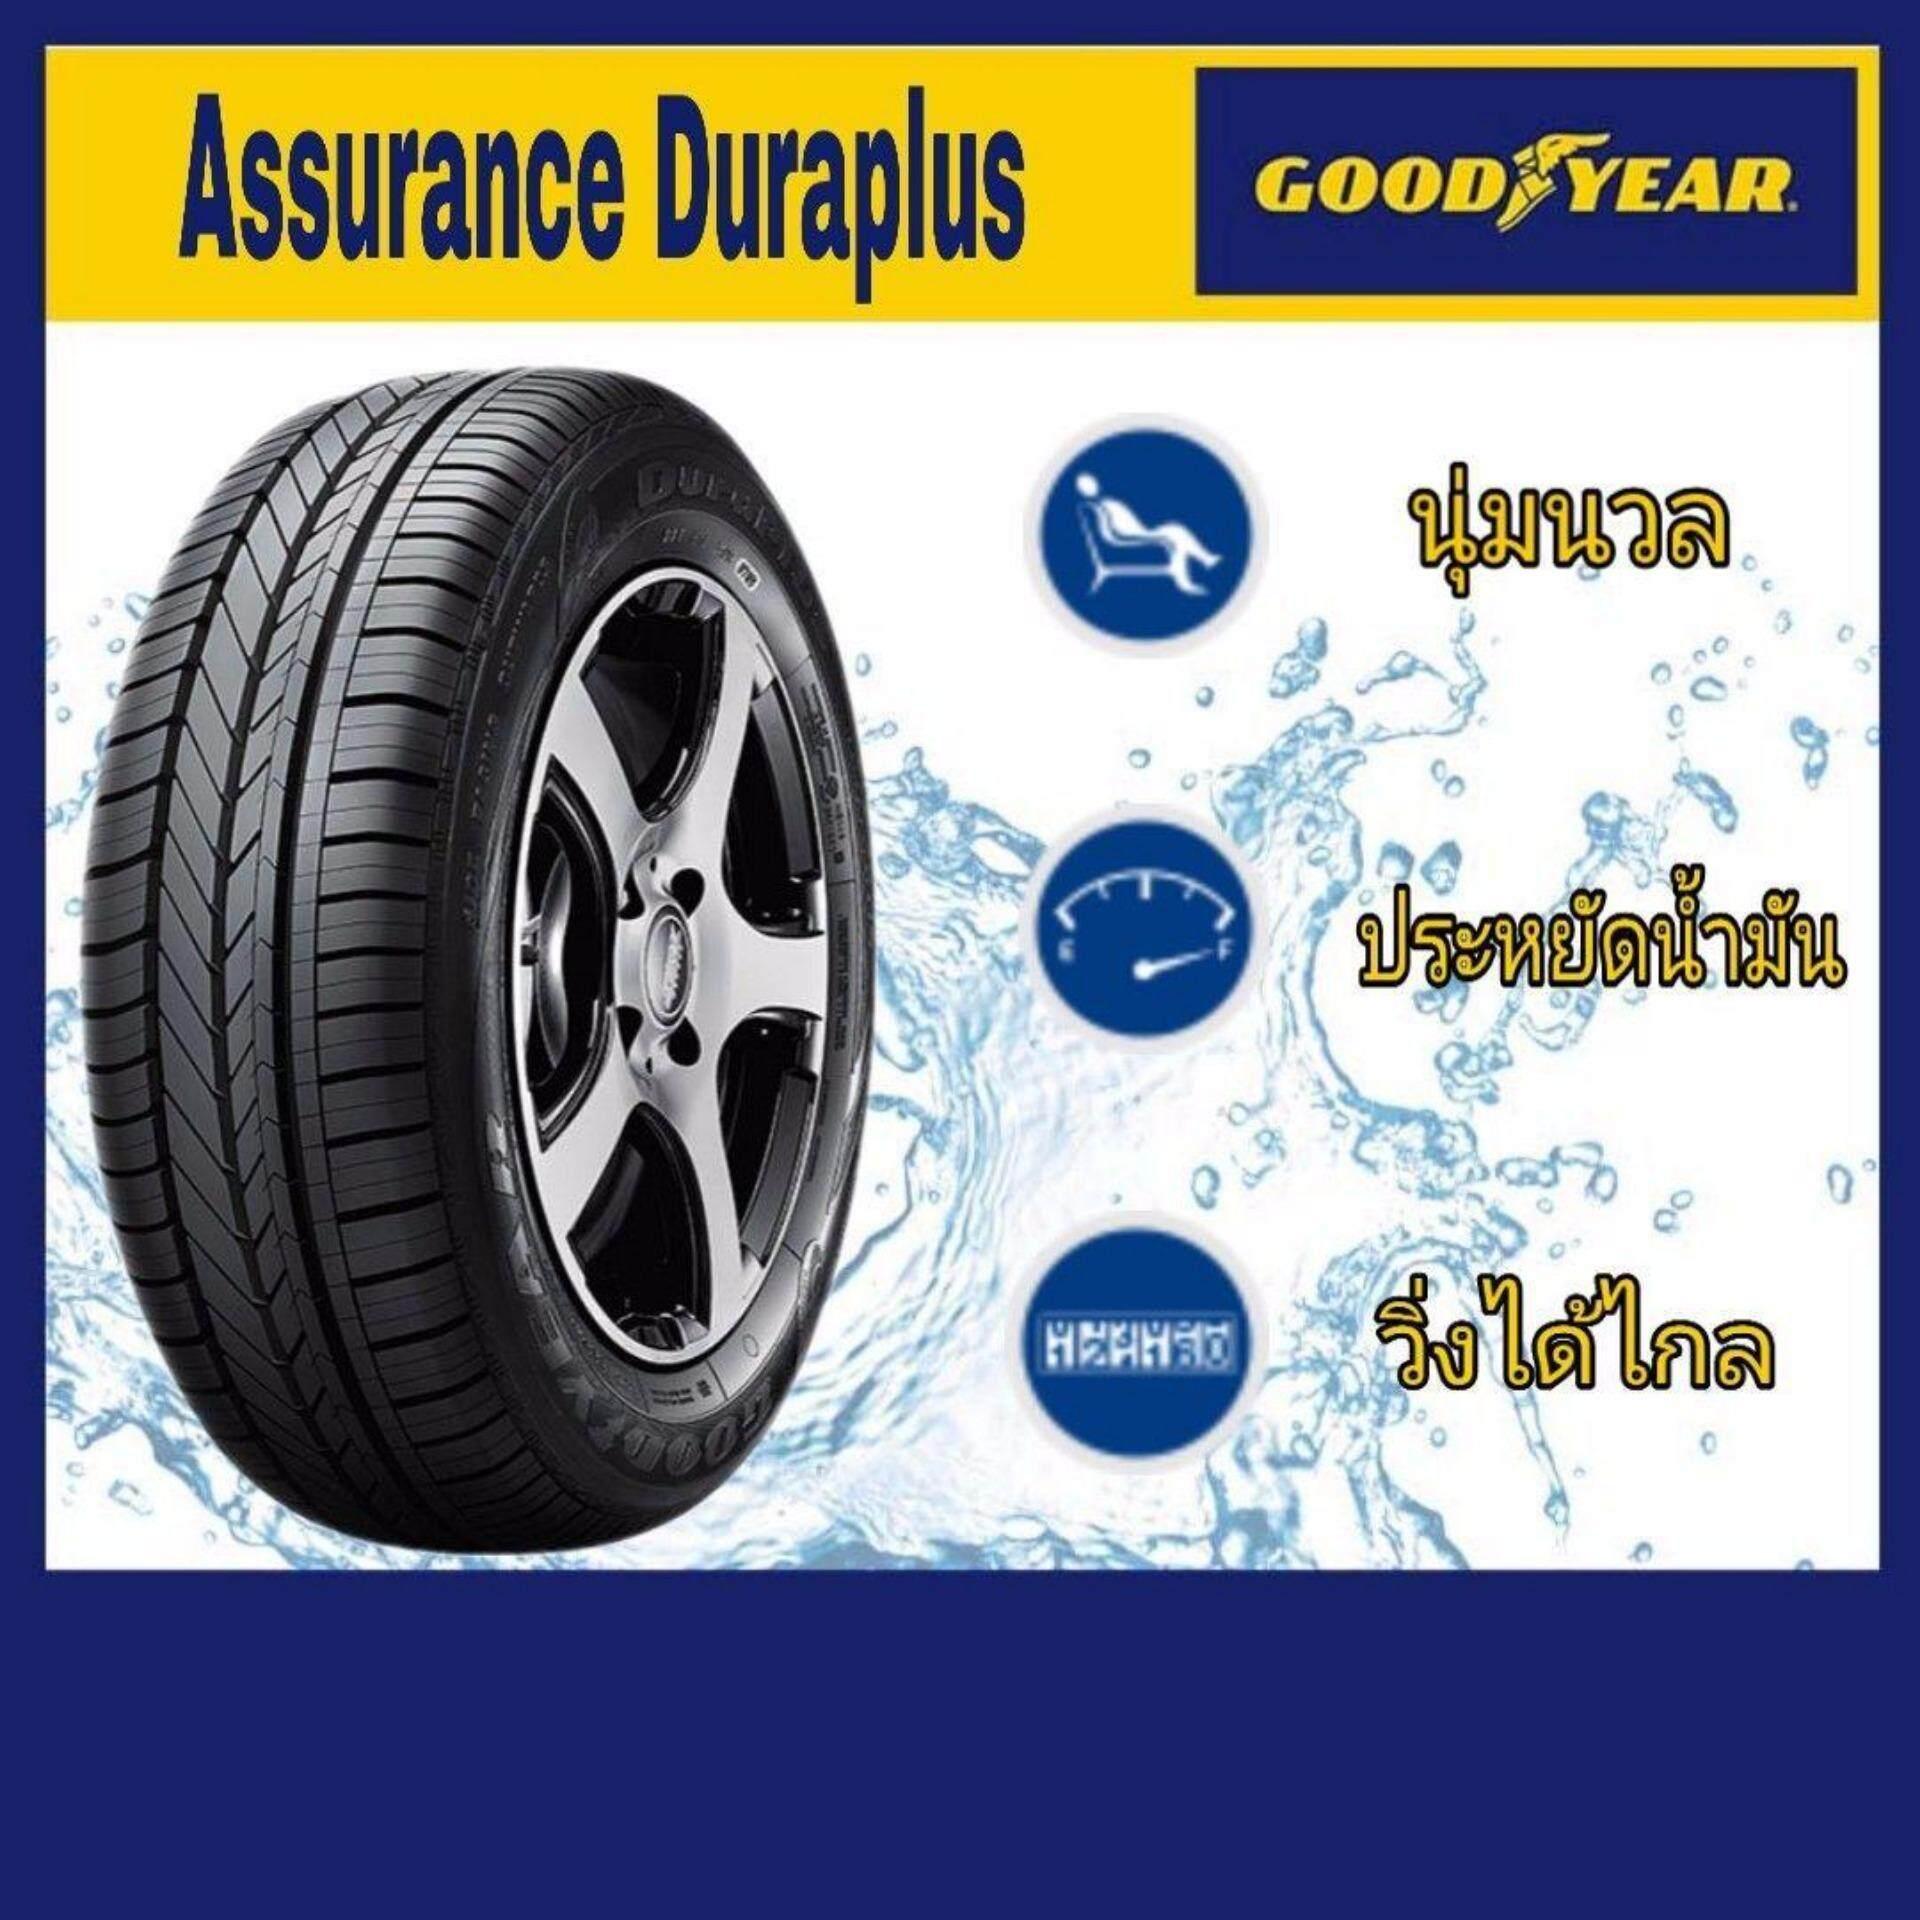 ประกันภัย รถยนต์ 2+ นครพนม Goodyear ยางรถยนต์ 215/55R17 รุ่น Assurance Duraplus